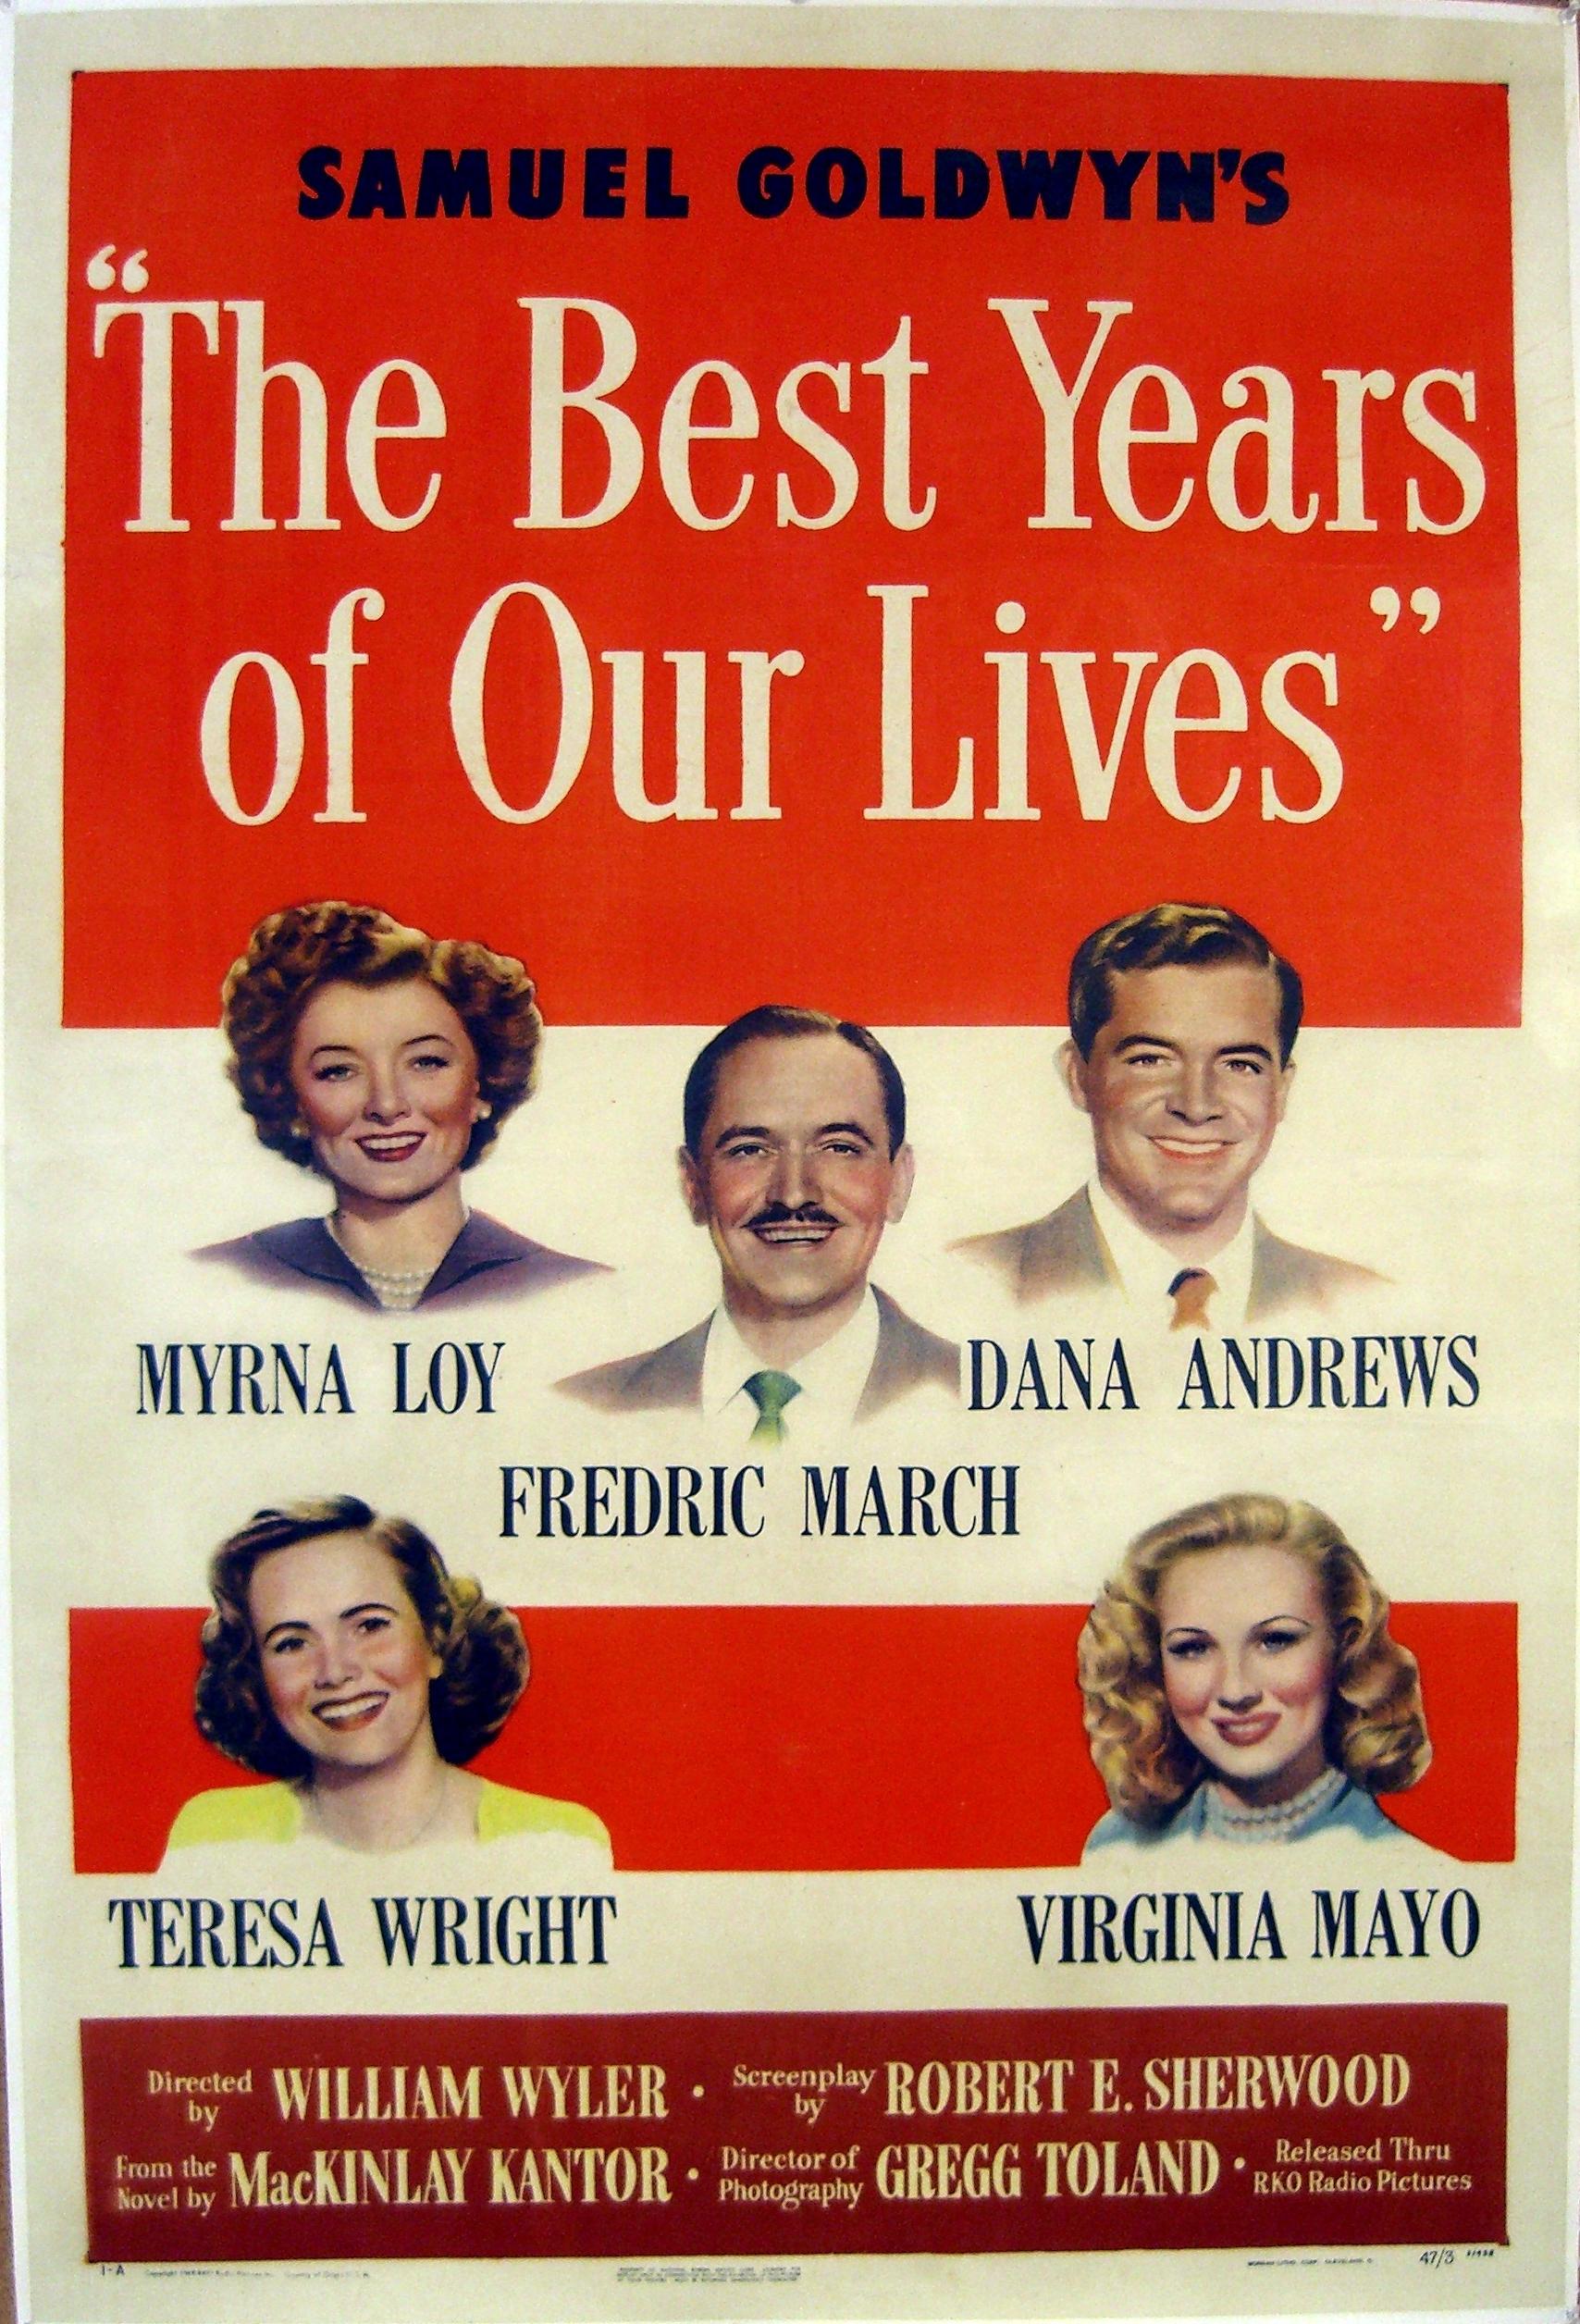 Os Melhores Anos de Nossas Vidas (The Best Years of Our Lives), de Wylliam Wyler